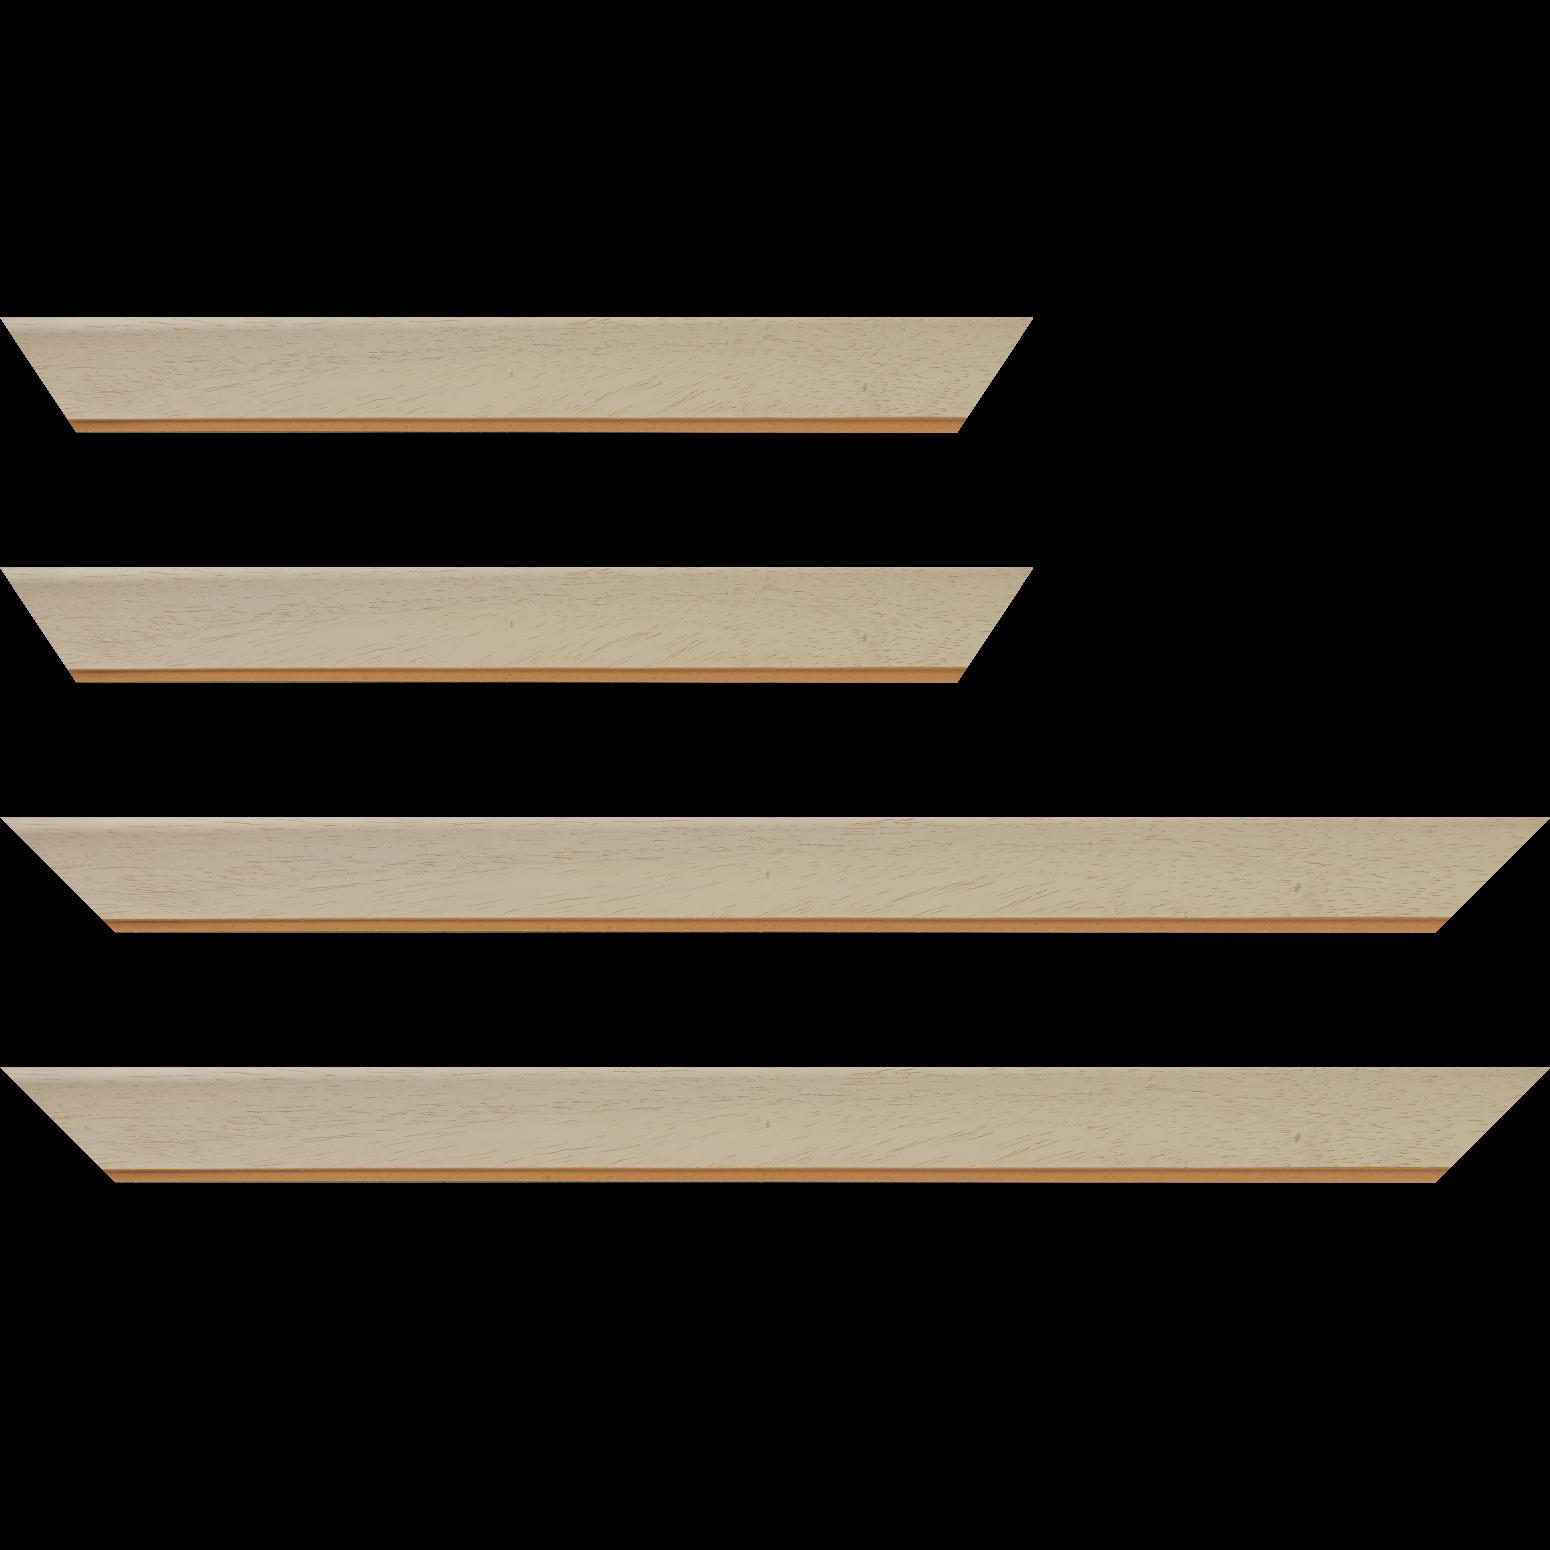 Baguette service précoupé Bois profil incurvé largeur 3.9cm couleur crème satiné filet or